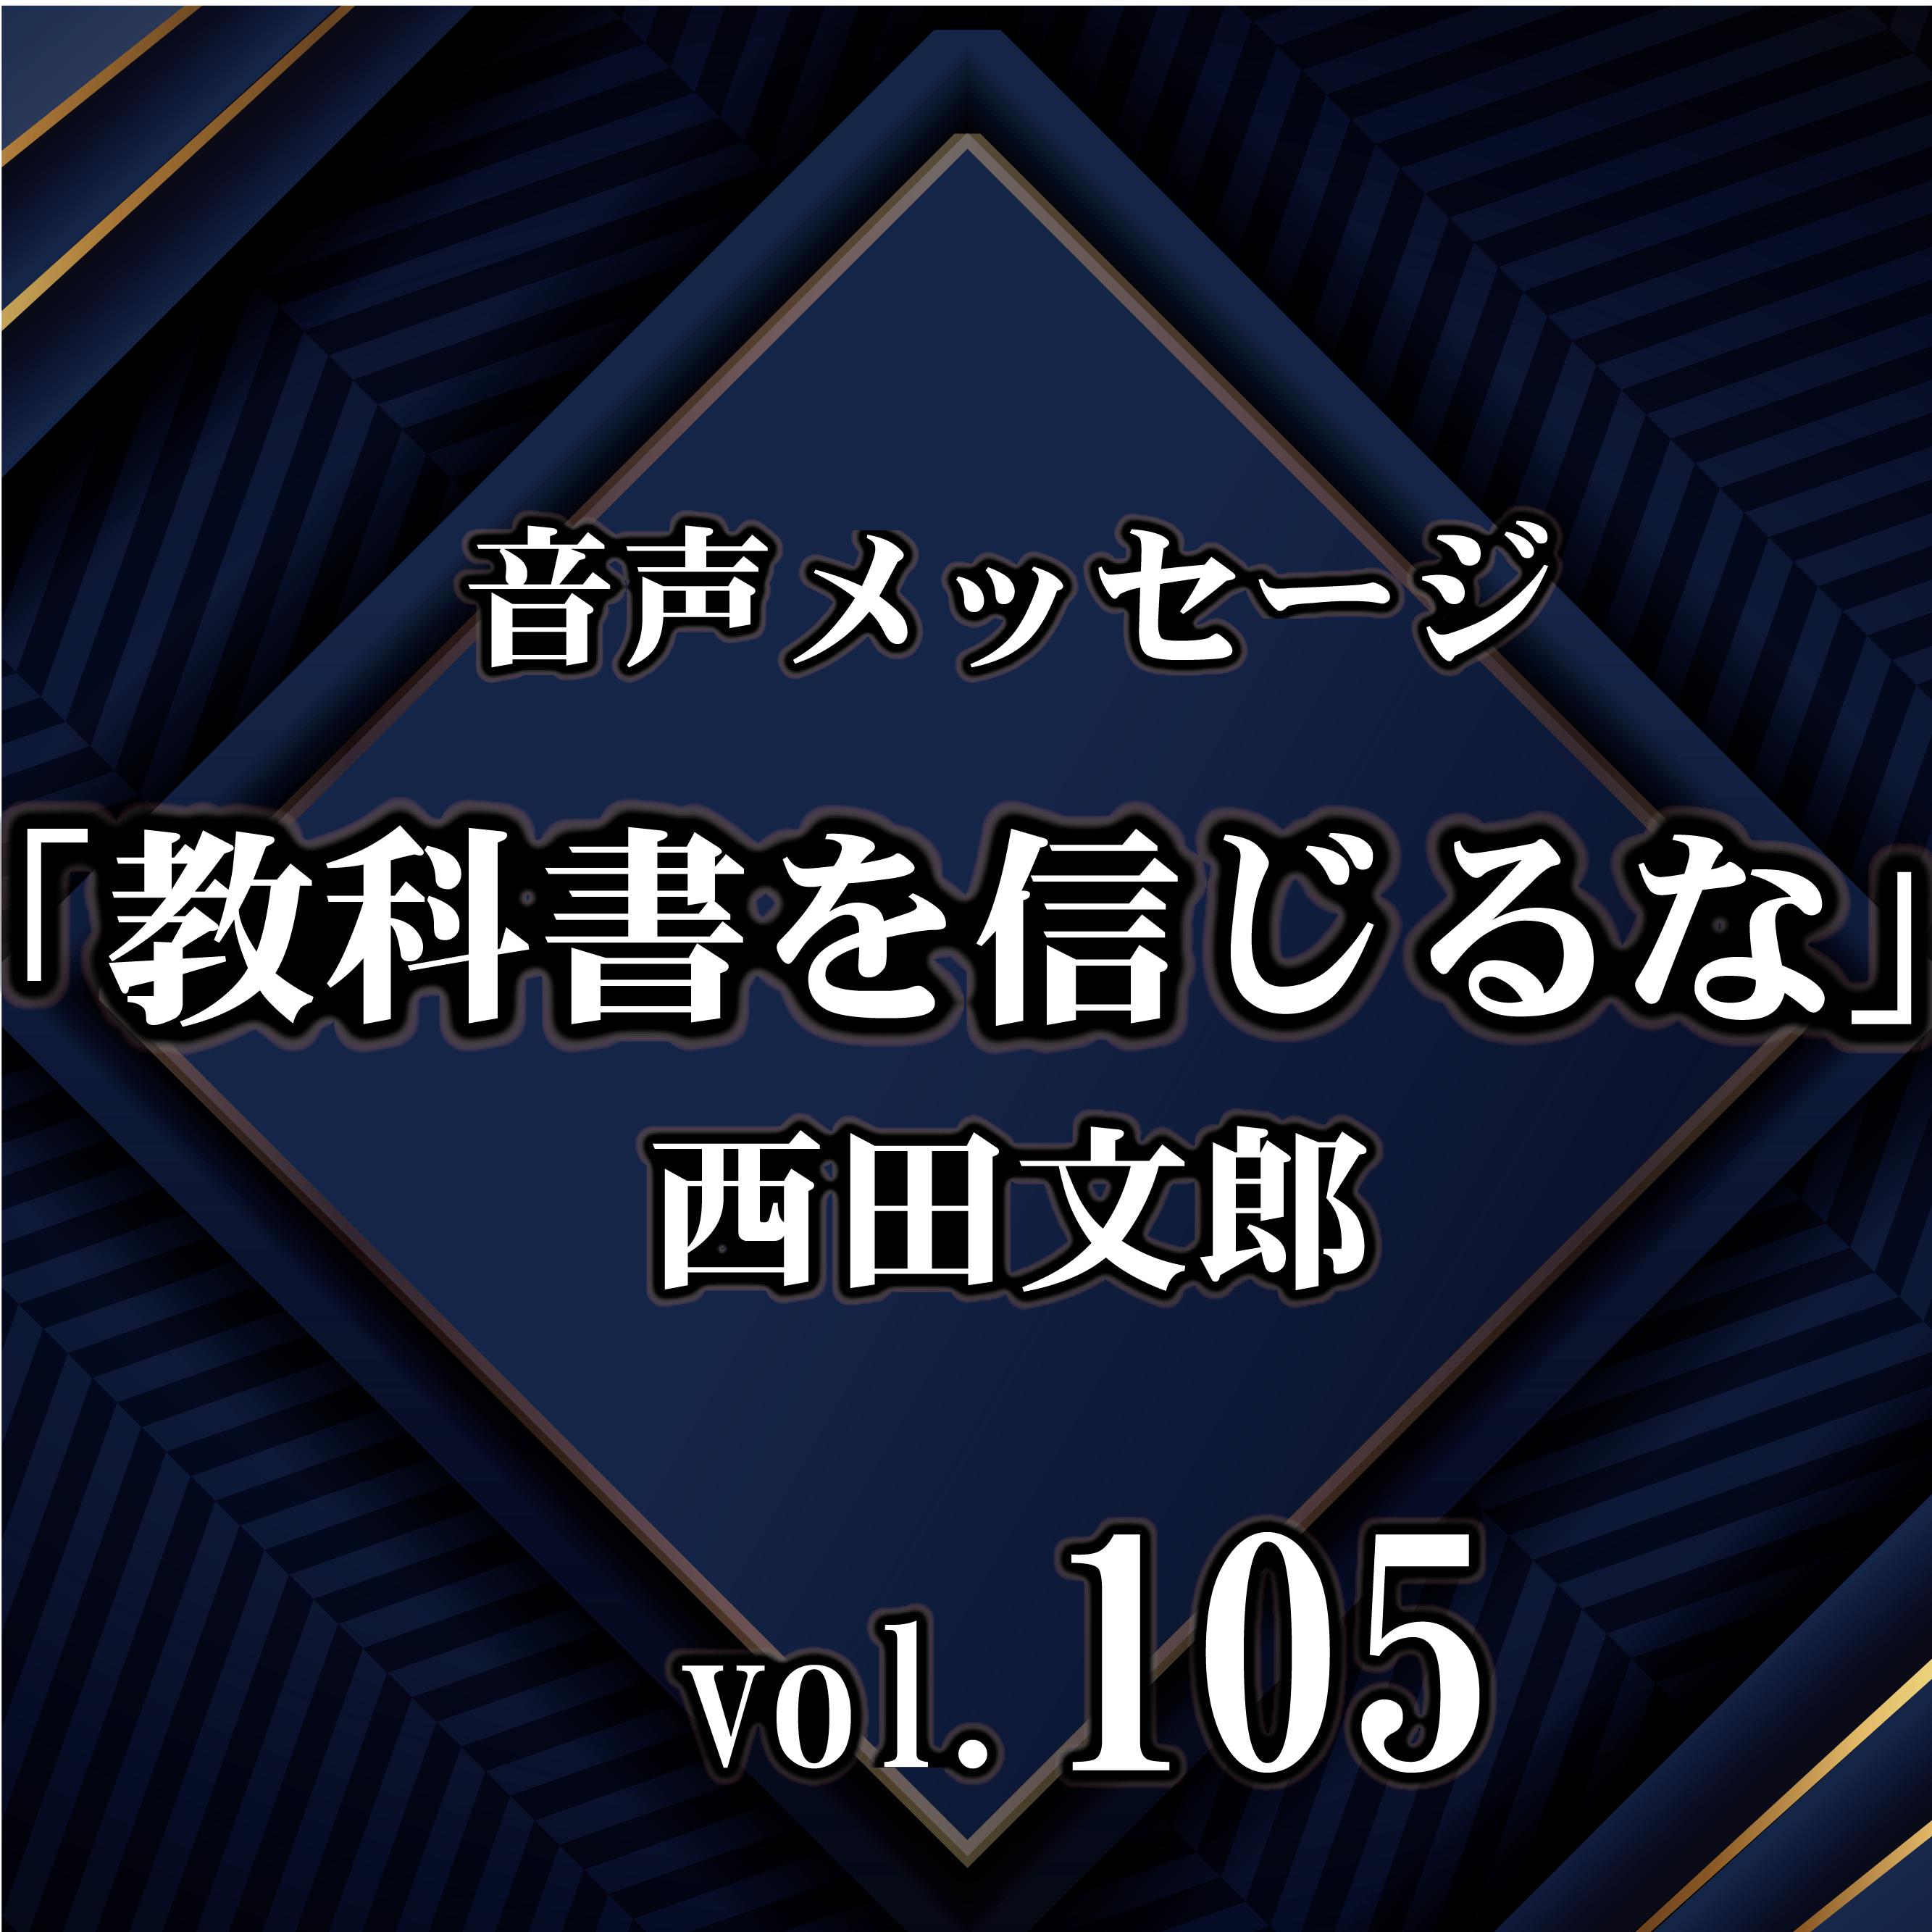 西田文郎 音声メッセージvol.105『教科書を信じるな』